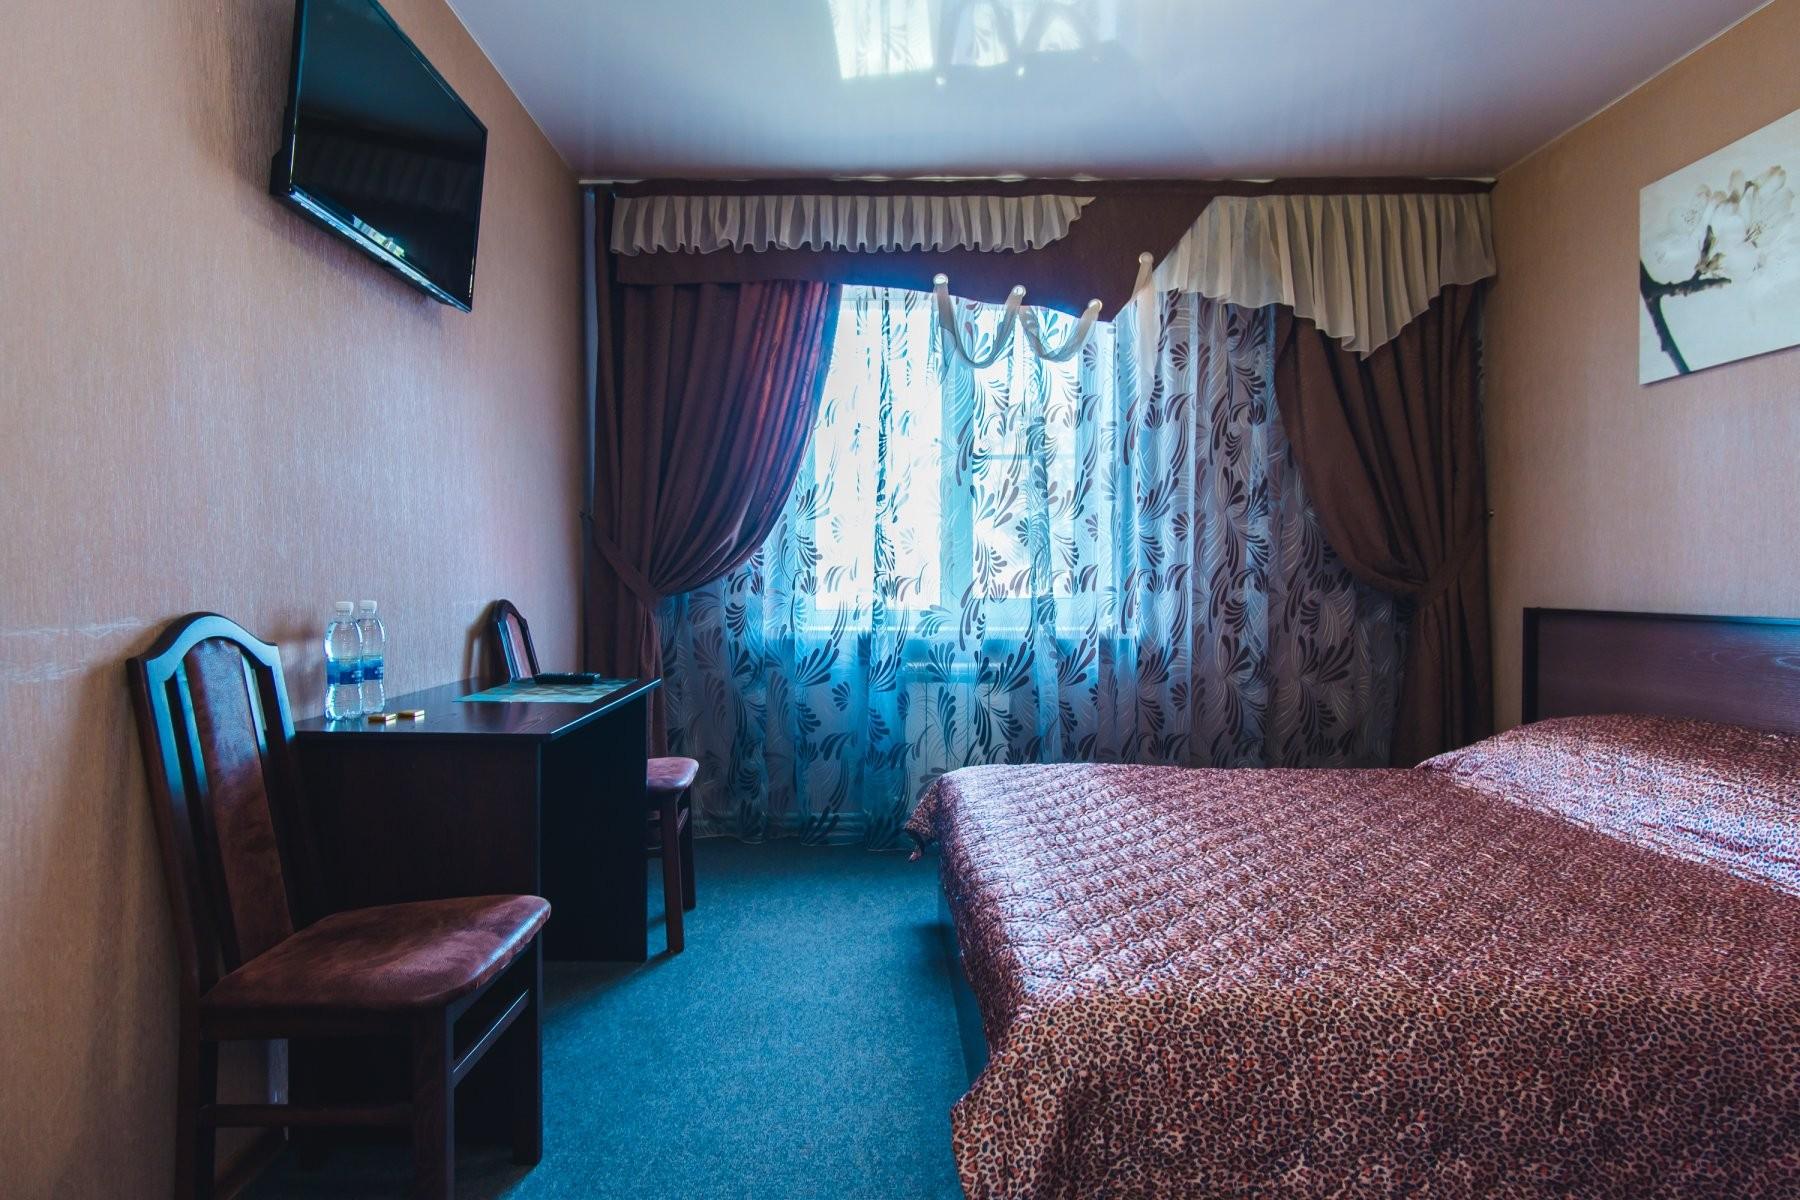 Шоколад, гостиничный комплекс - №5